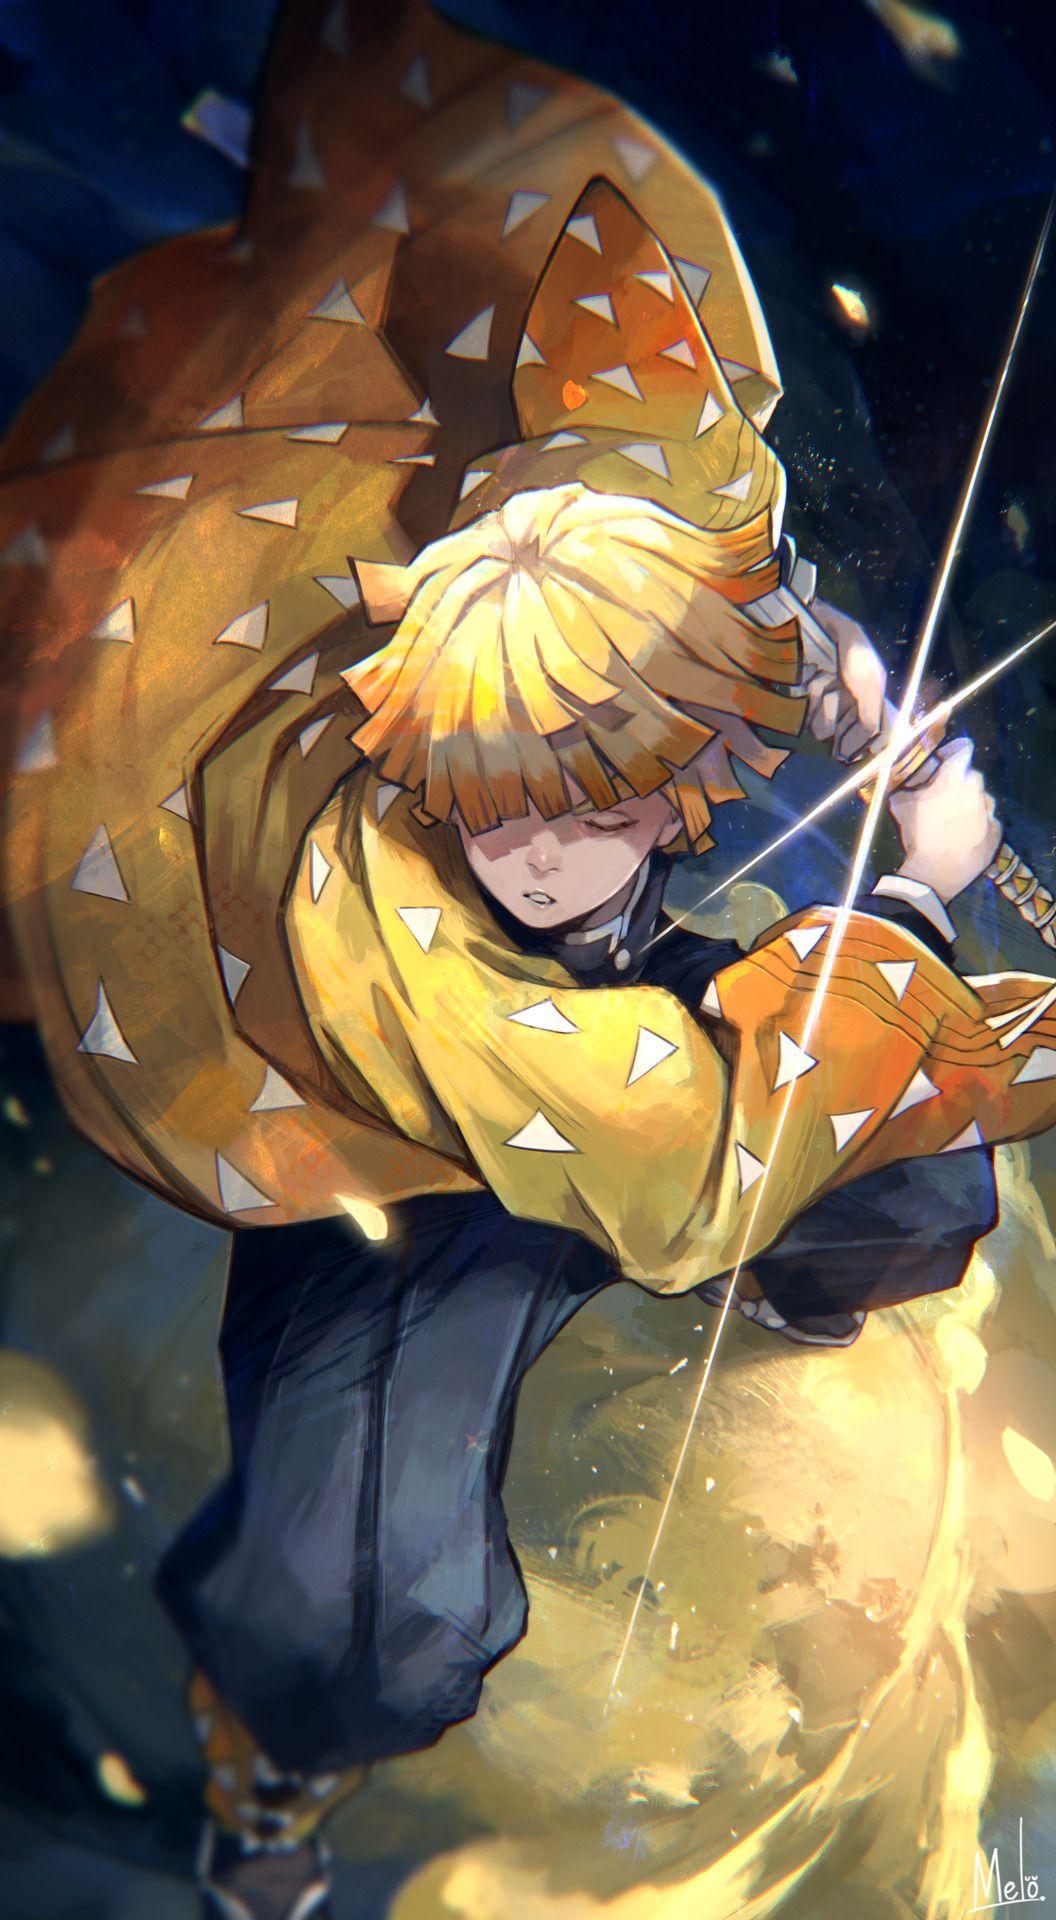 Zenitsu Agatsuma/Demon Slayer Kimetsu no Yaiba 善逸 アニメ